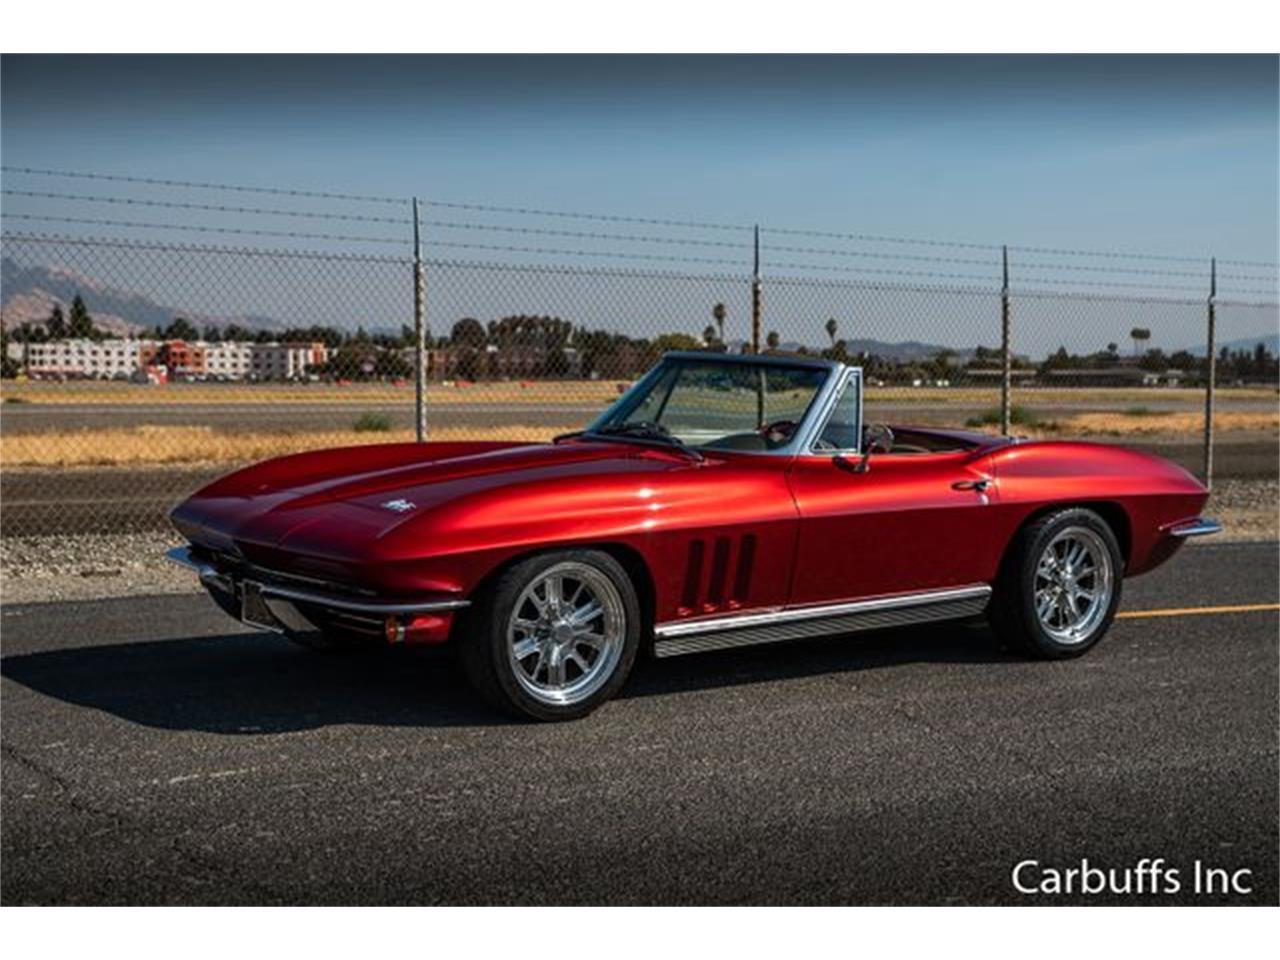 For Sale: 1966 Chevrolet Corvette in Concord, California